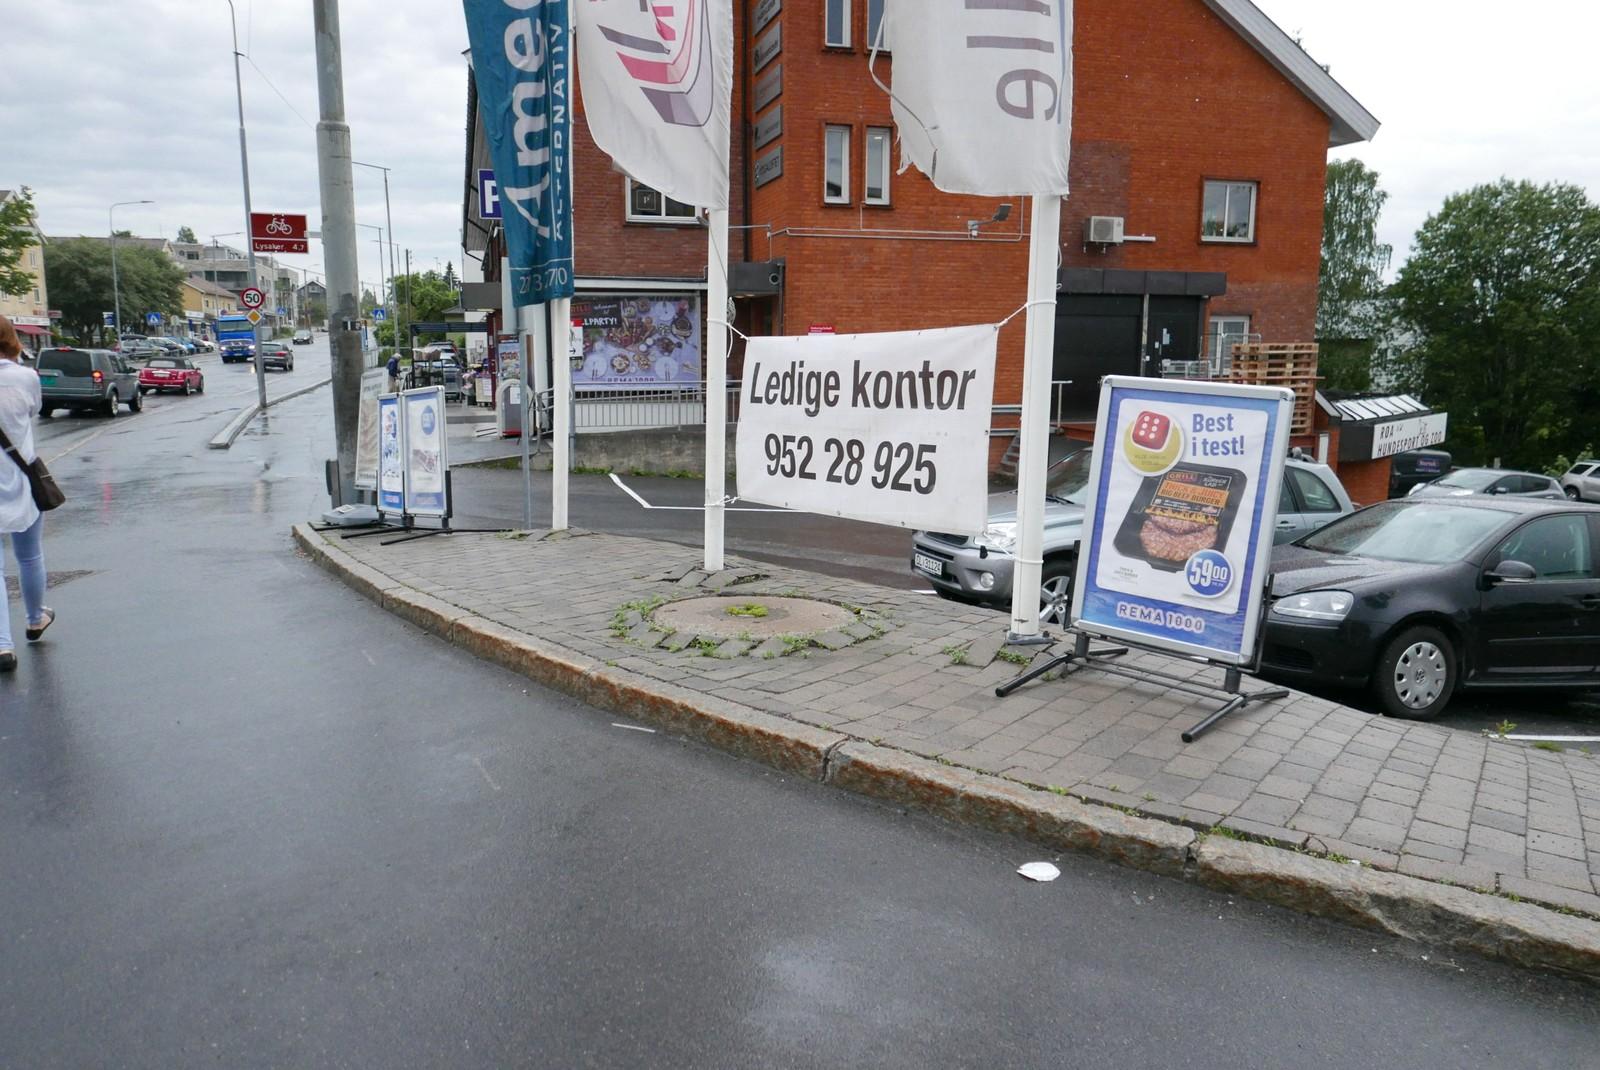 Regelverket sier at reklamebukker og andre salgsgjenstander kan stå èn meter fra butikkveggen. All annen plassering strider mot regelverket.